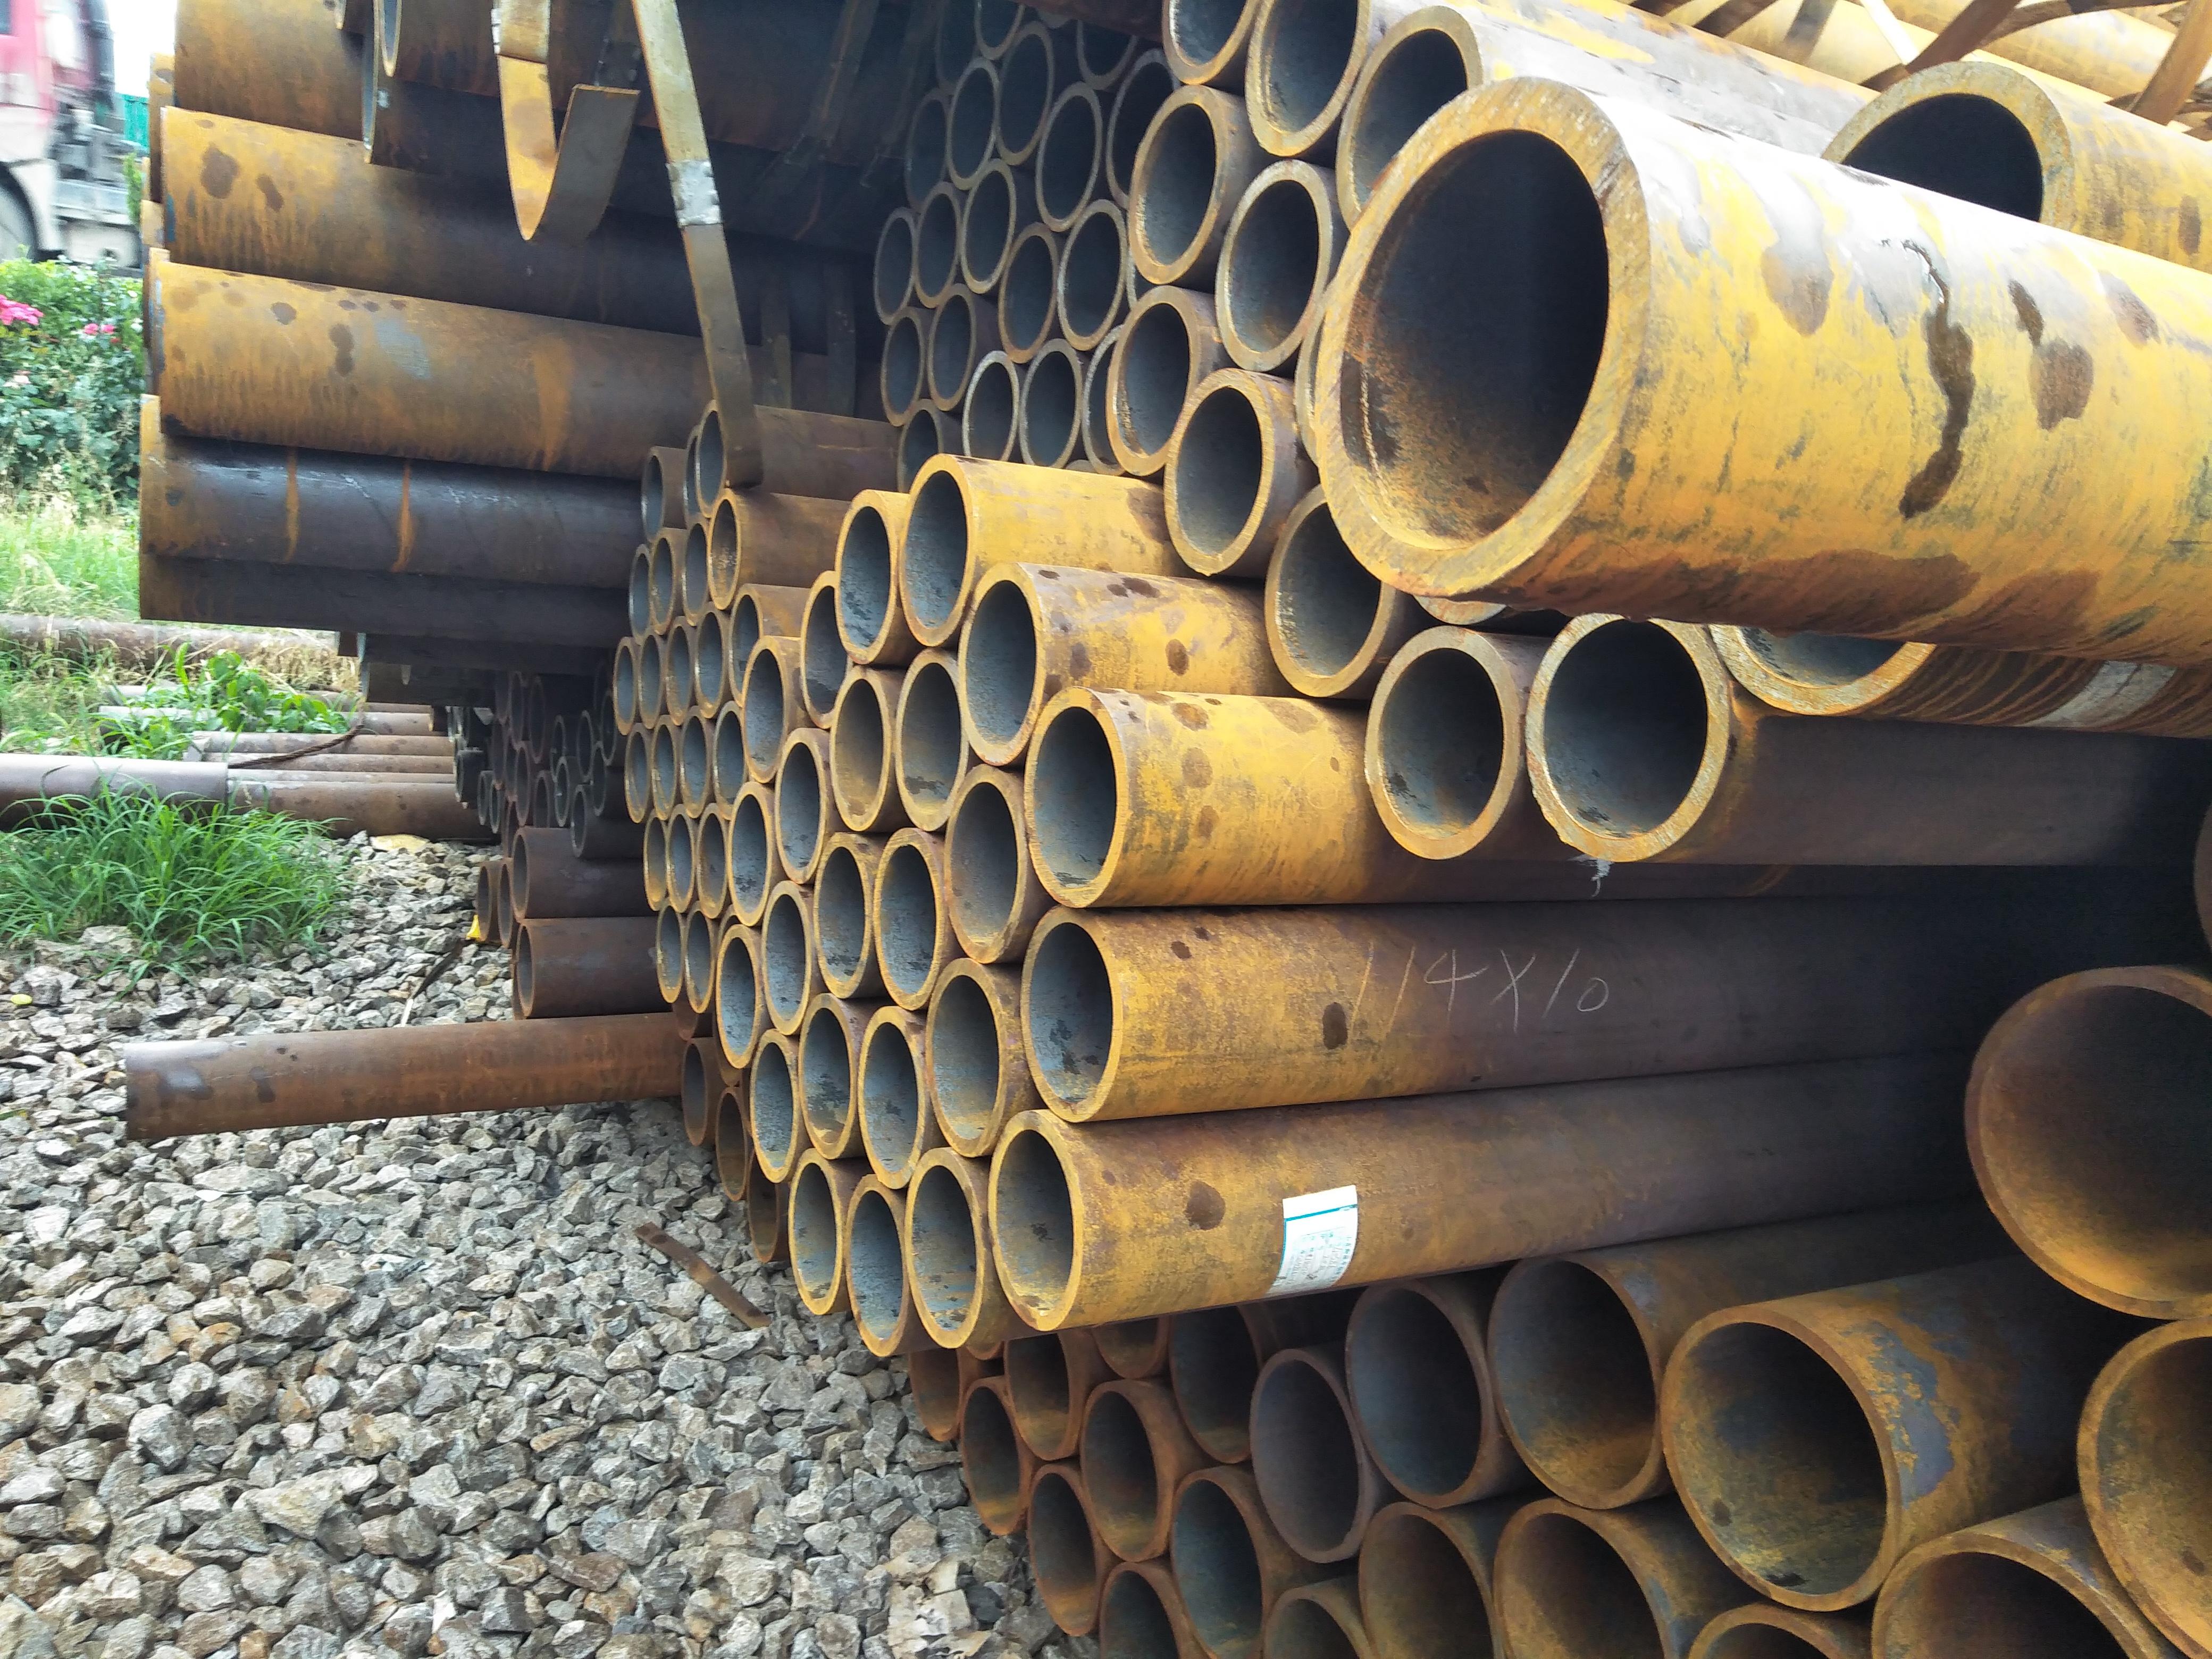 优质碳结钢管价格 20#45#优质碳结钢管 山东20#45#优质碳结钢管 20#45#优质碳结钢管直销